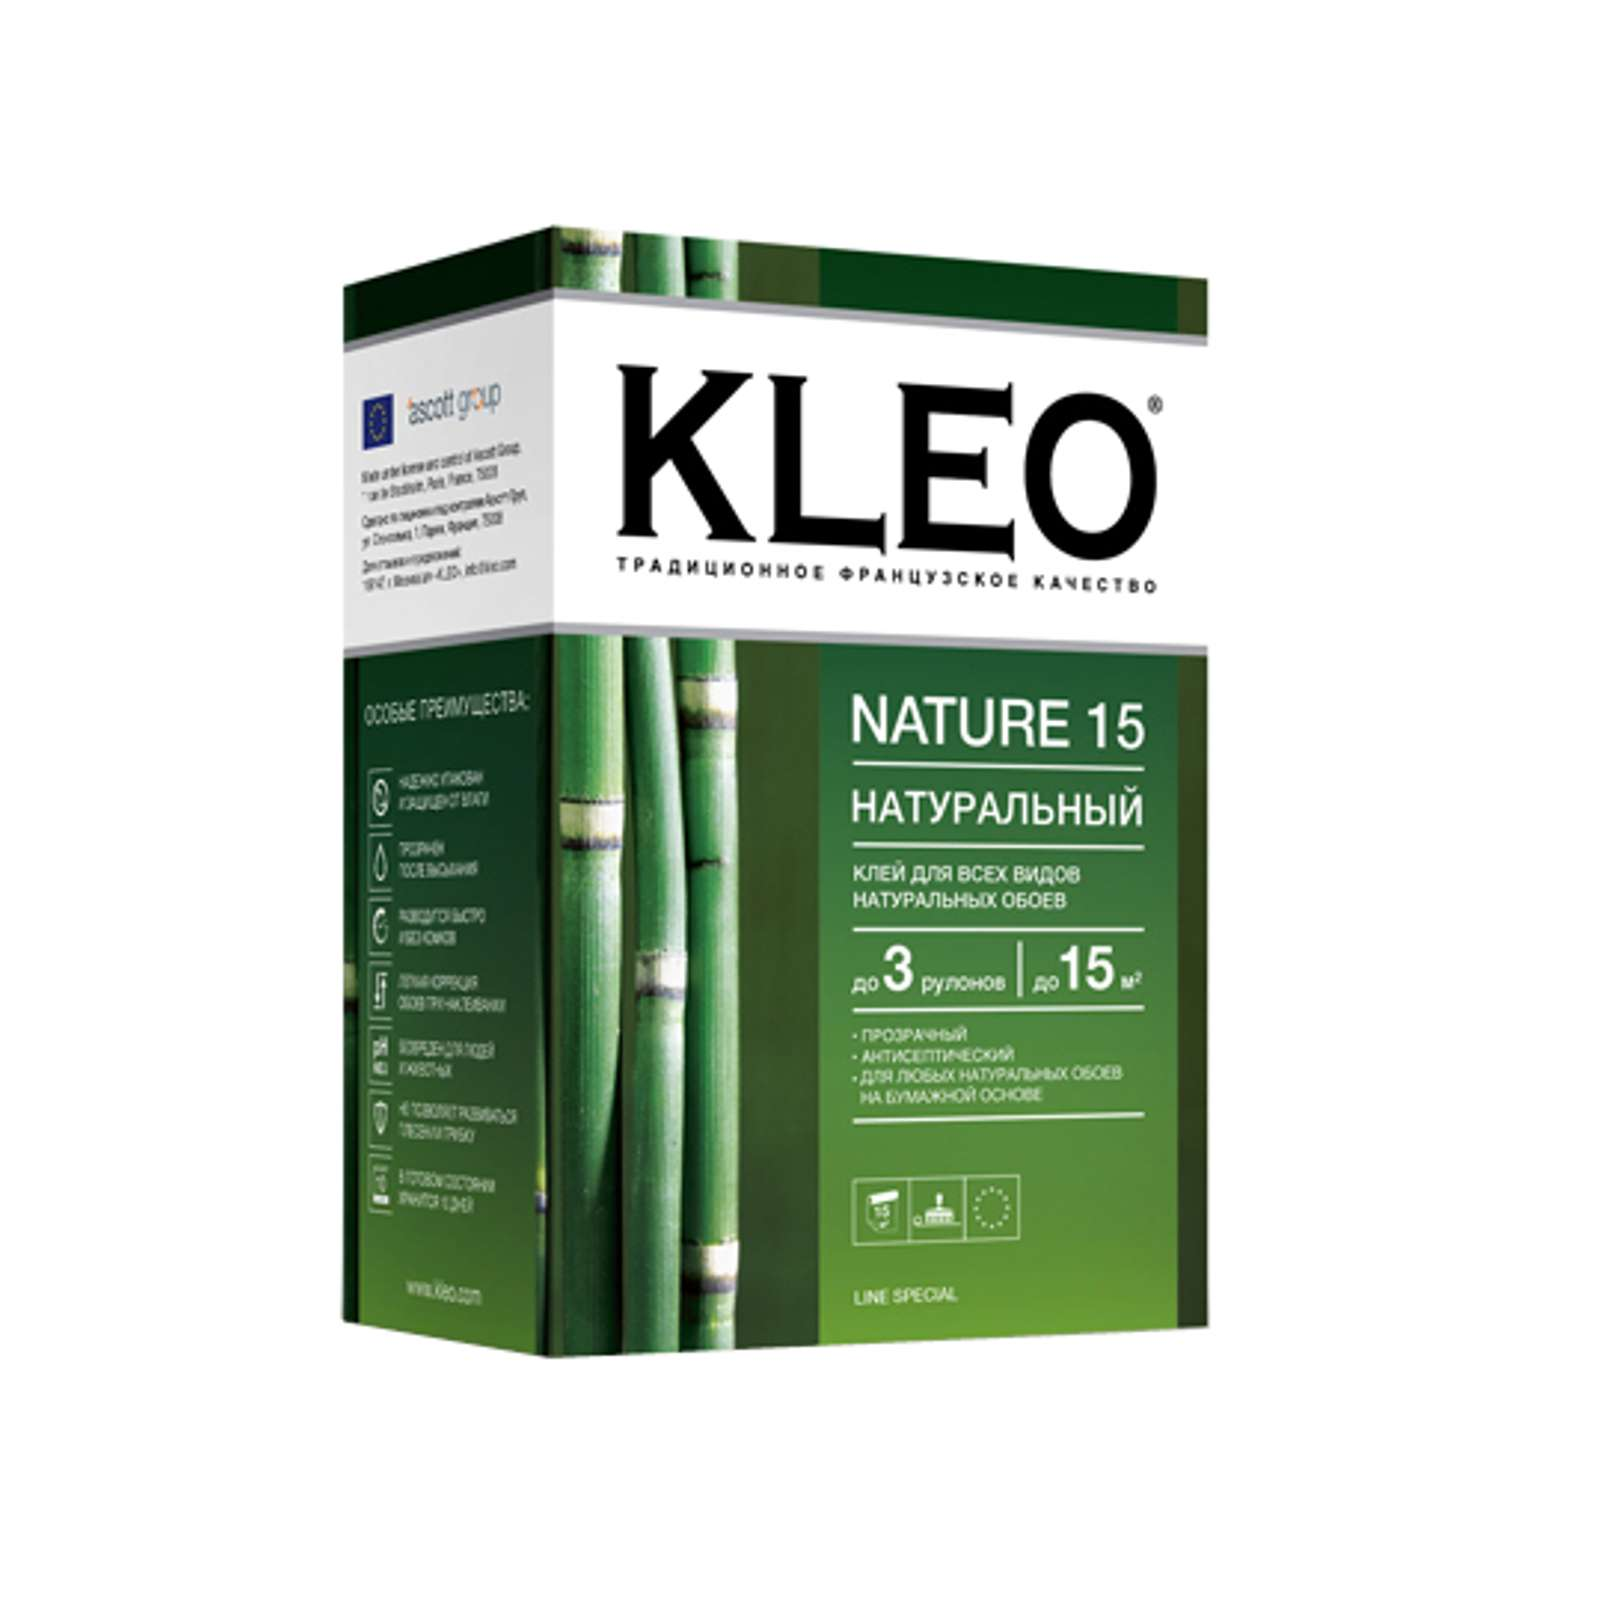 KLEO NATURE 15, Клей для натуральных обоев